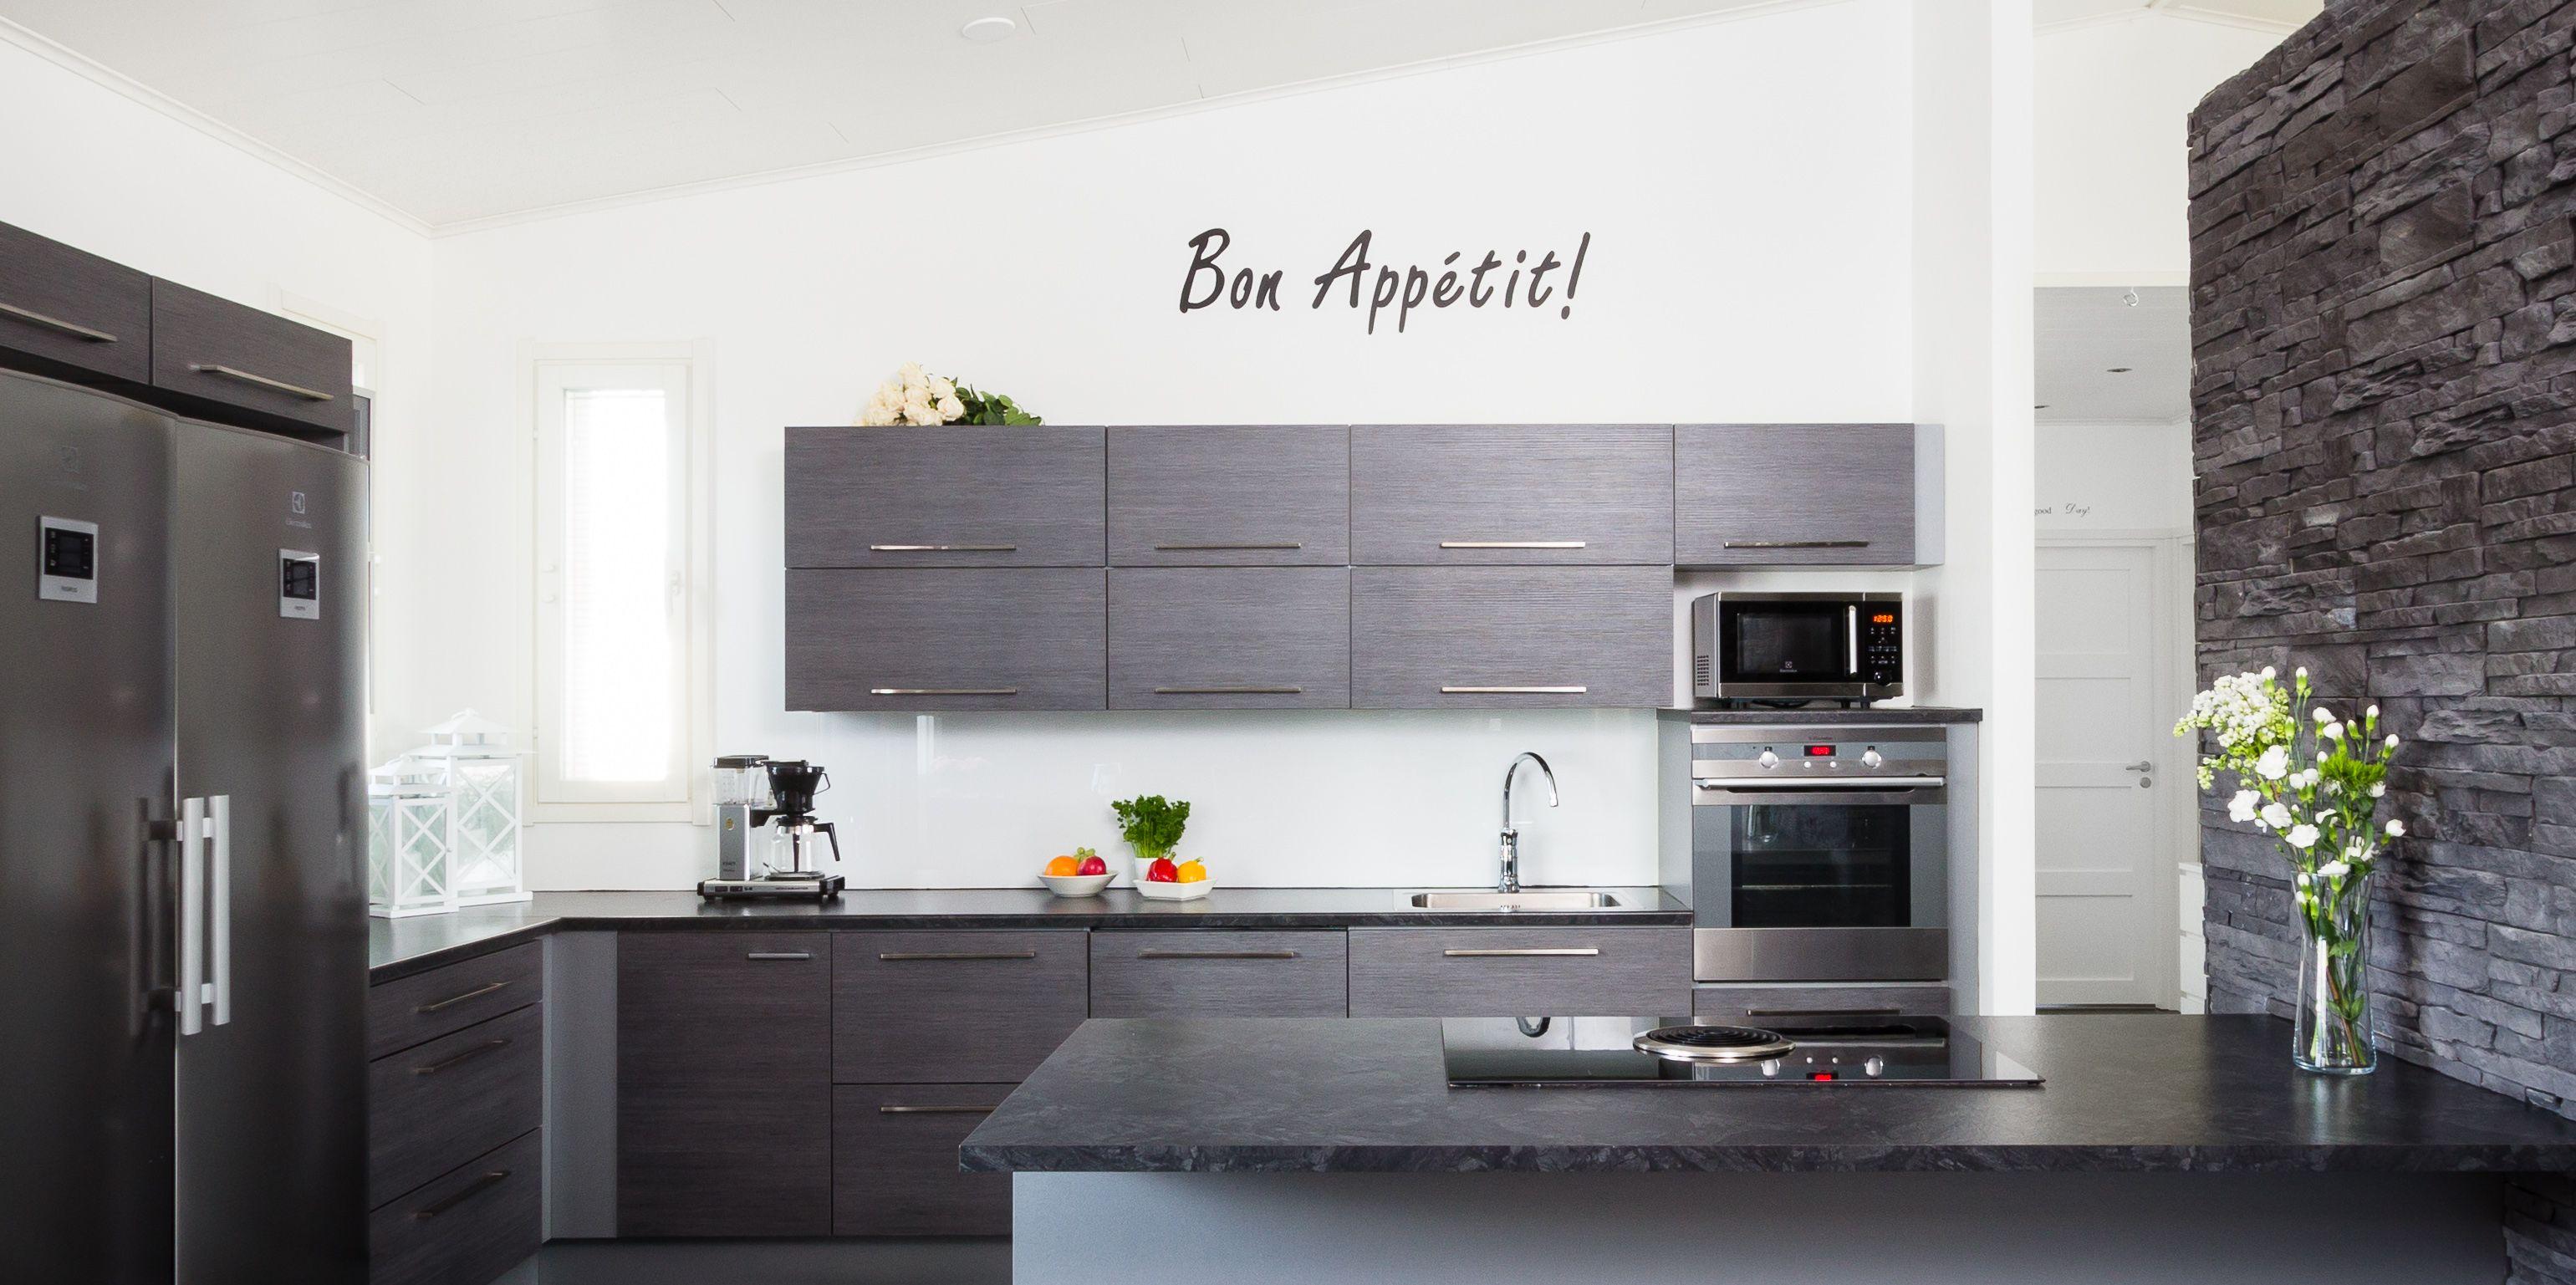 Kaunis Omega-keittiö toimii täydellisesti. Huomaatko millainen liesituuletin tässä kodissa on? Aika hieno, eikö totta!